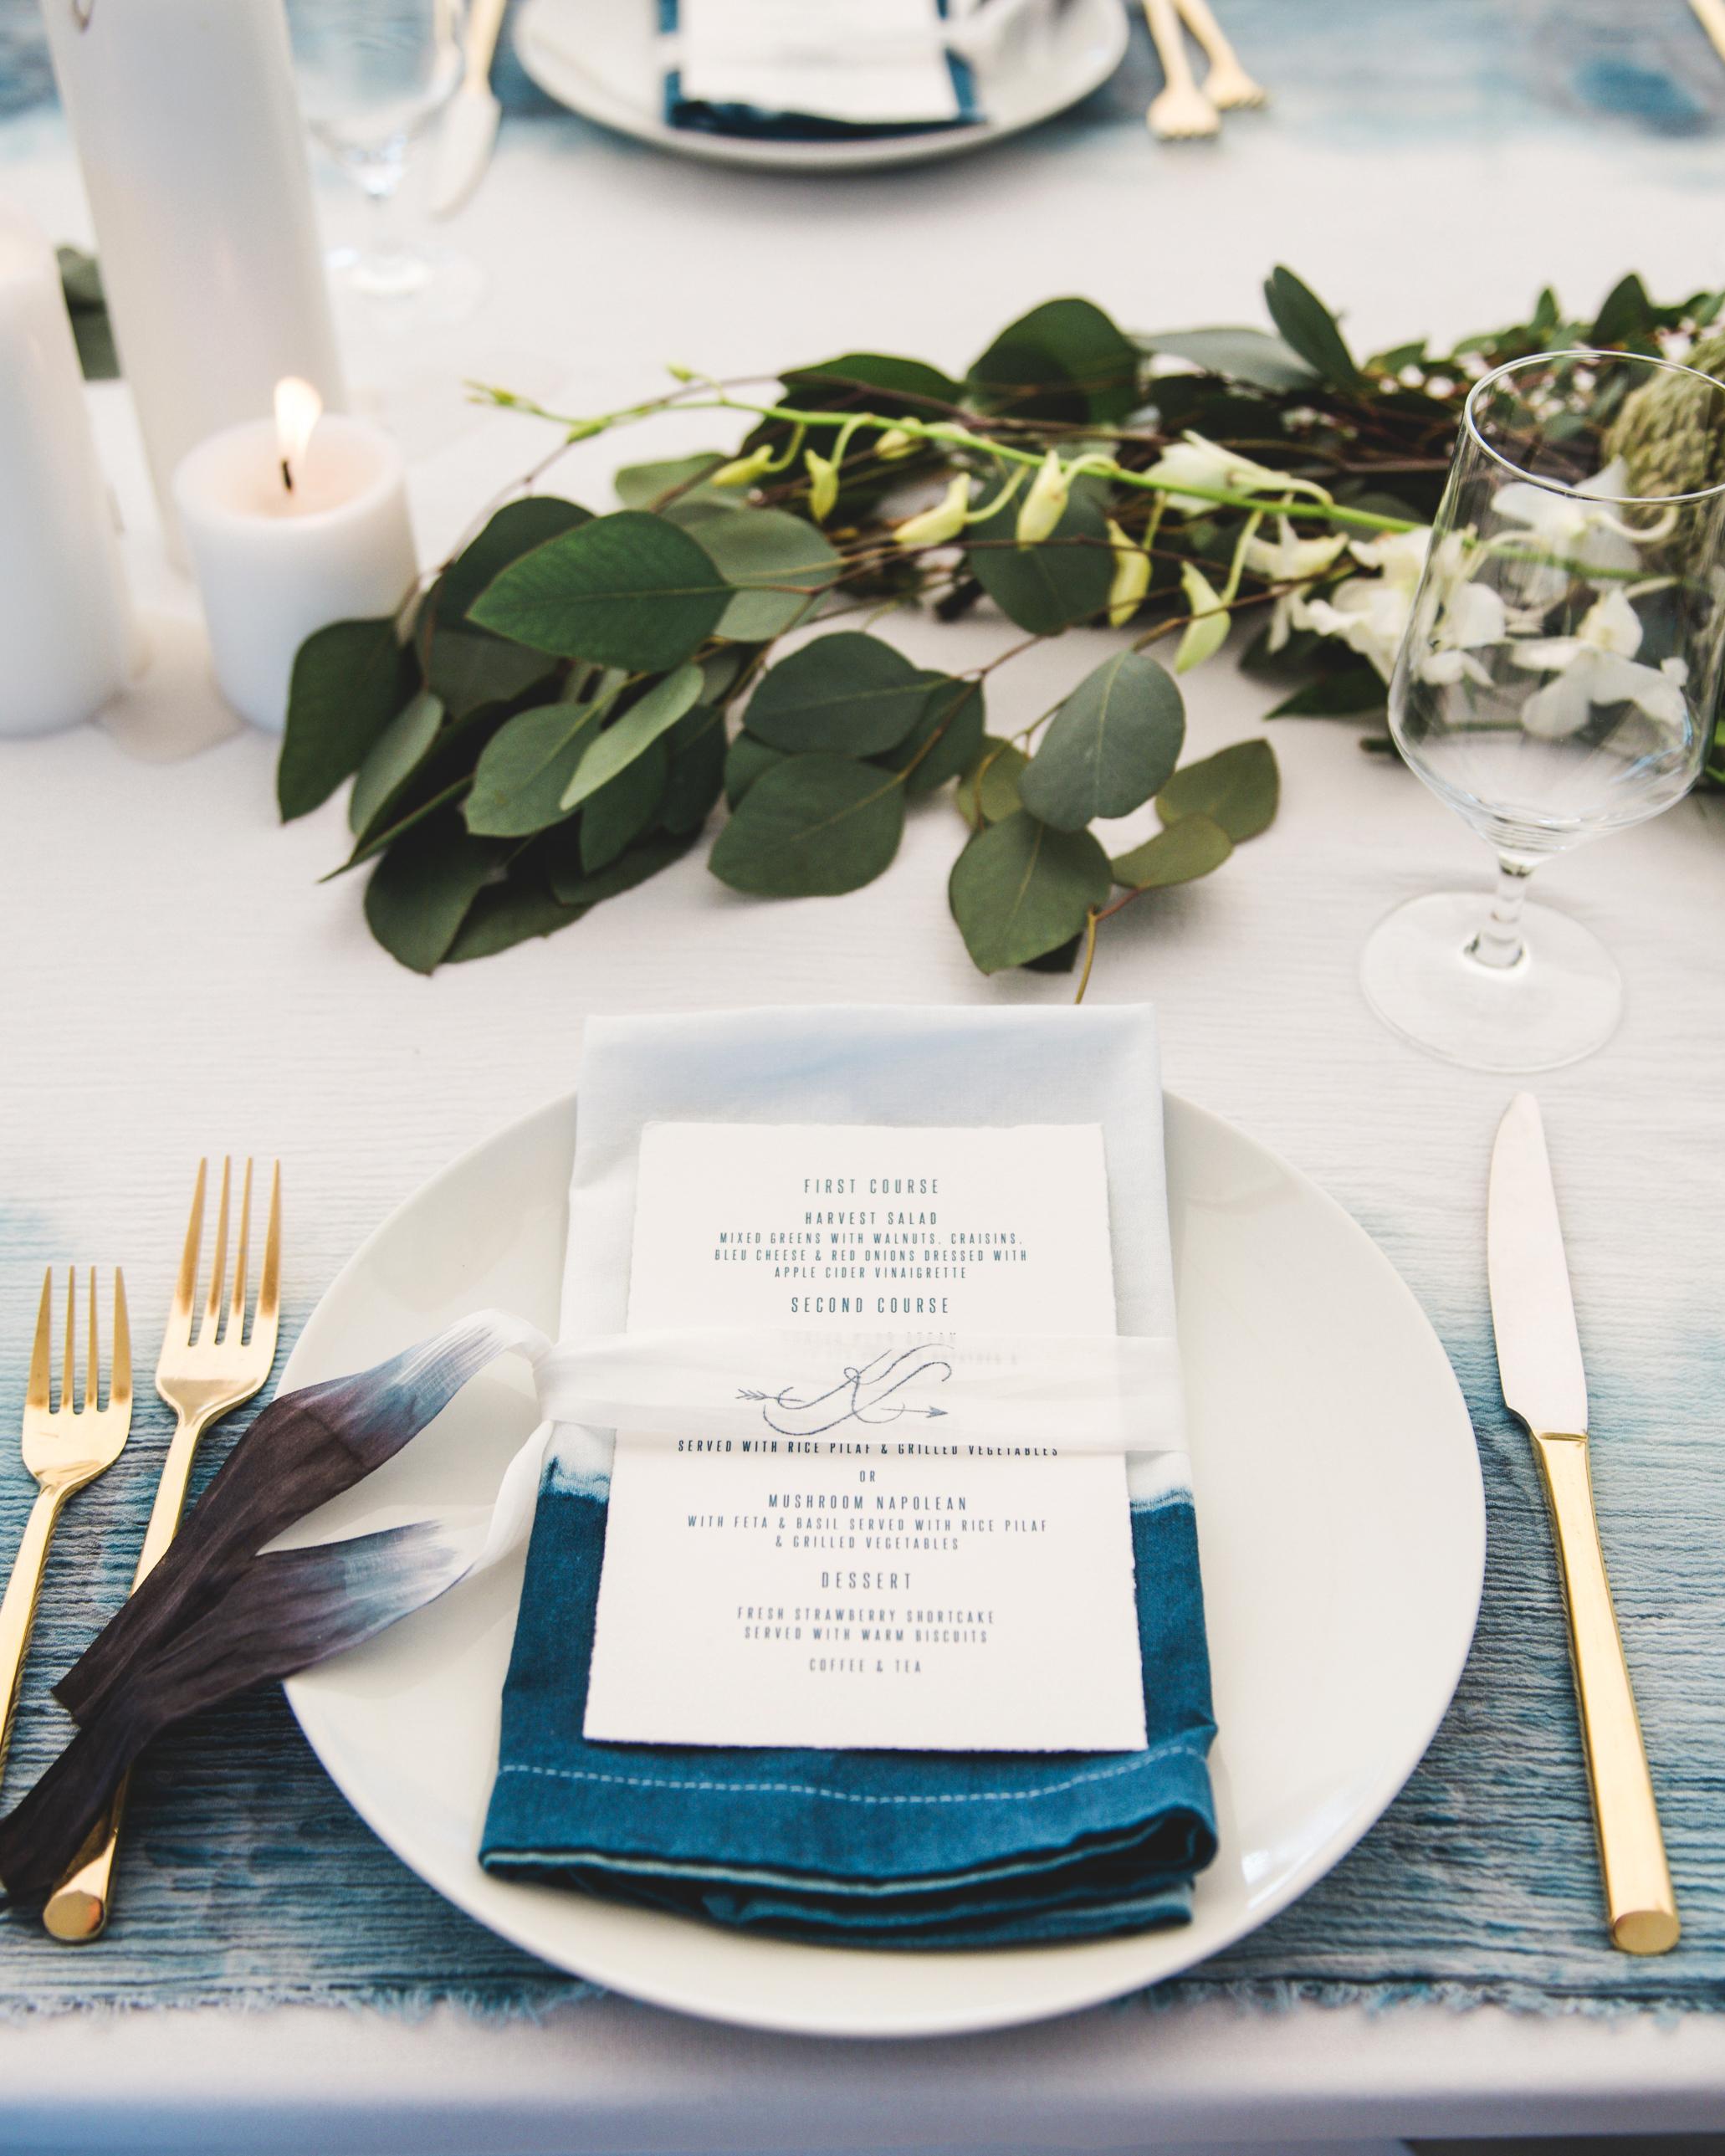 katie simon wedding place setting